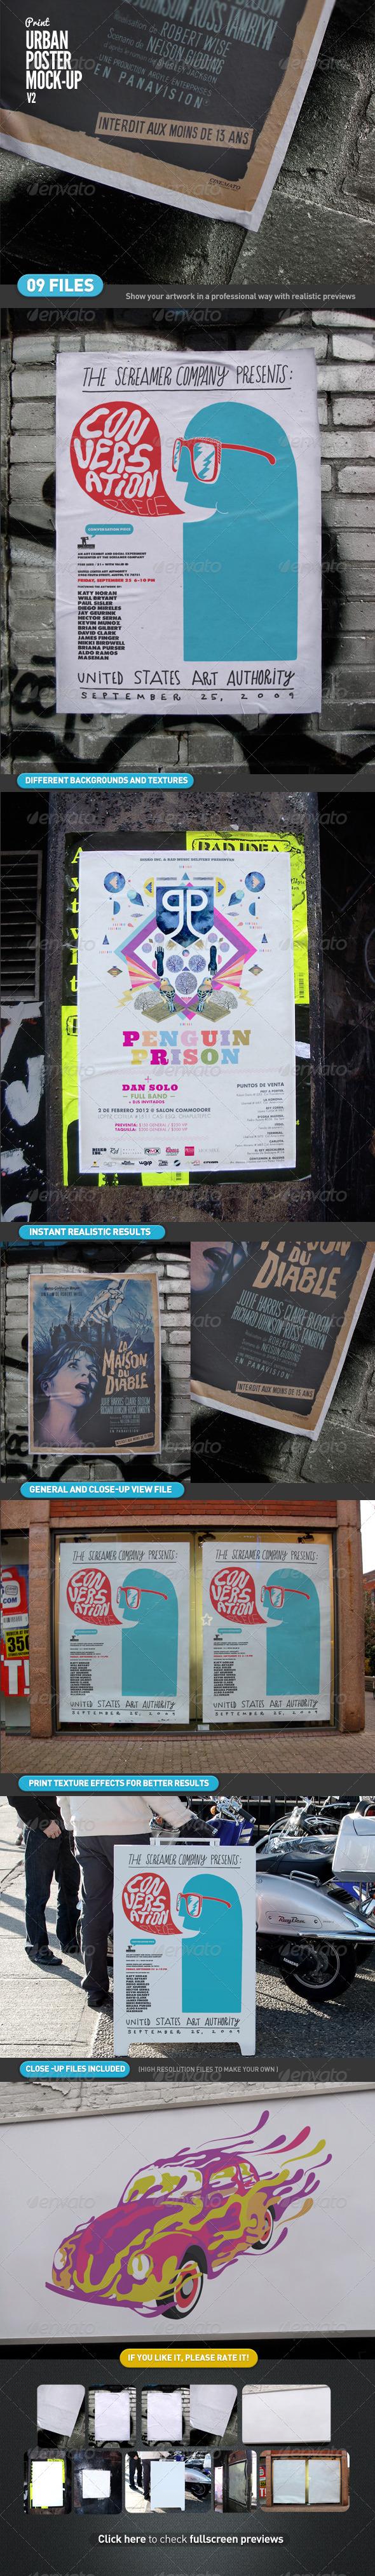 GraphicRiver Urban Poster Mock-Up v2 4551690